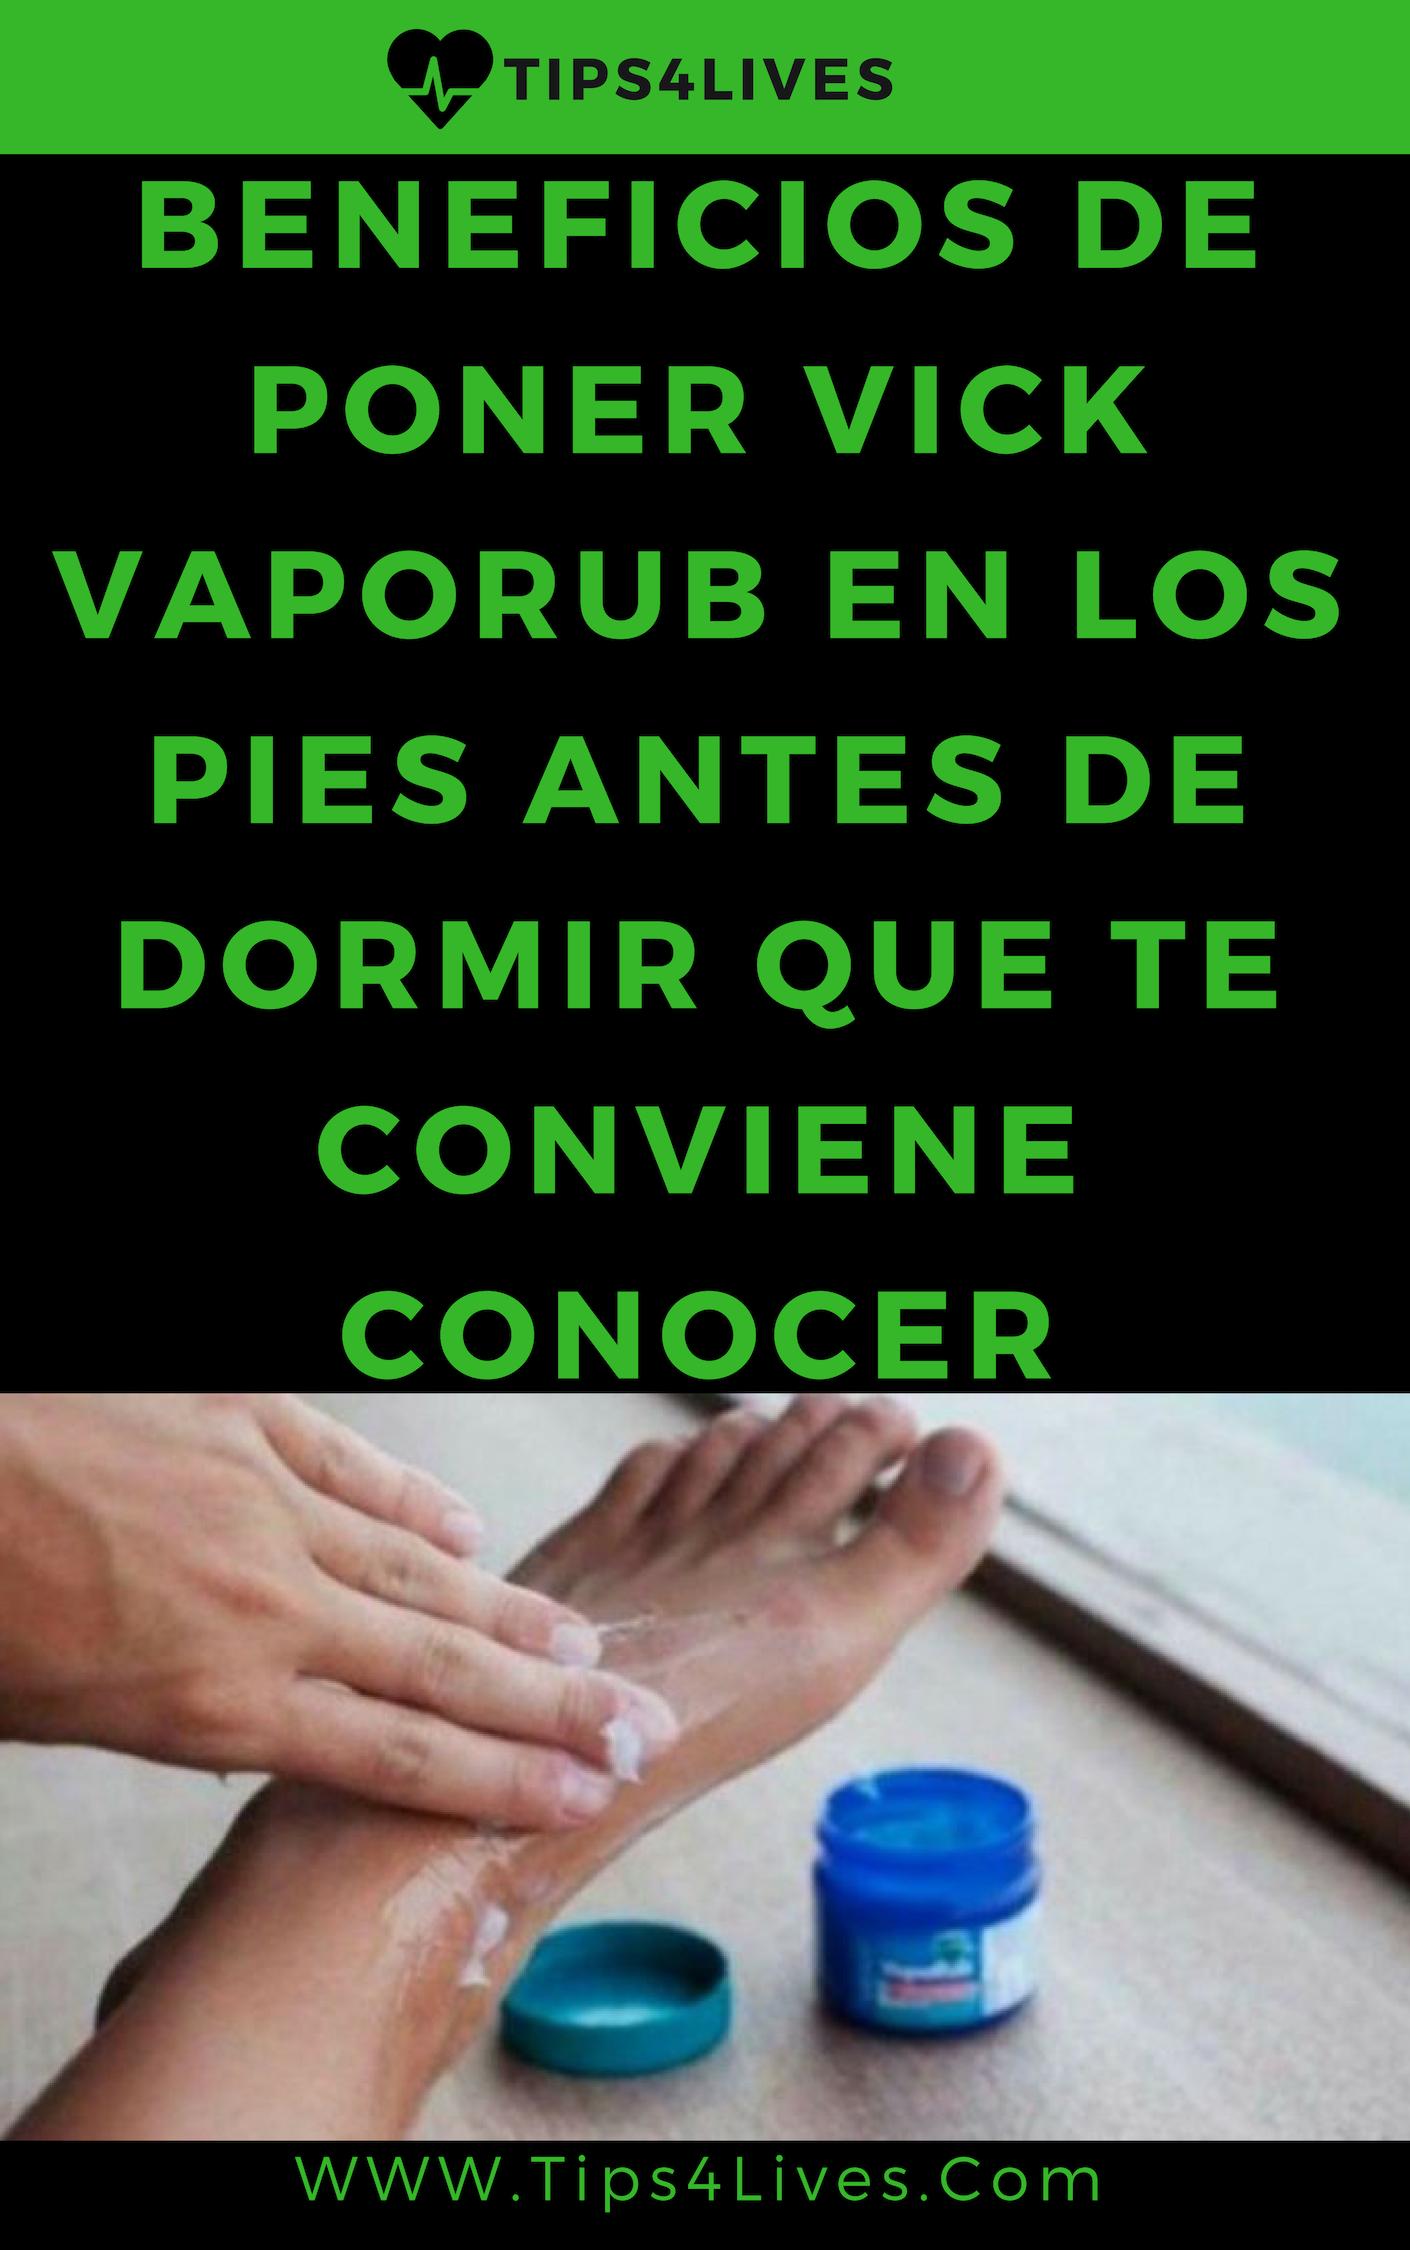 beneficios de poner vick vaporub en los pies antes de dormir